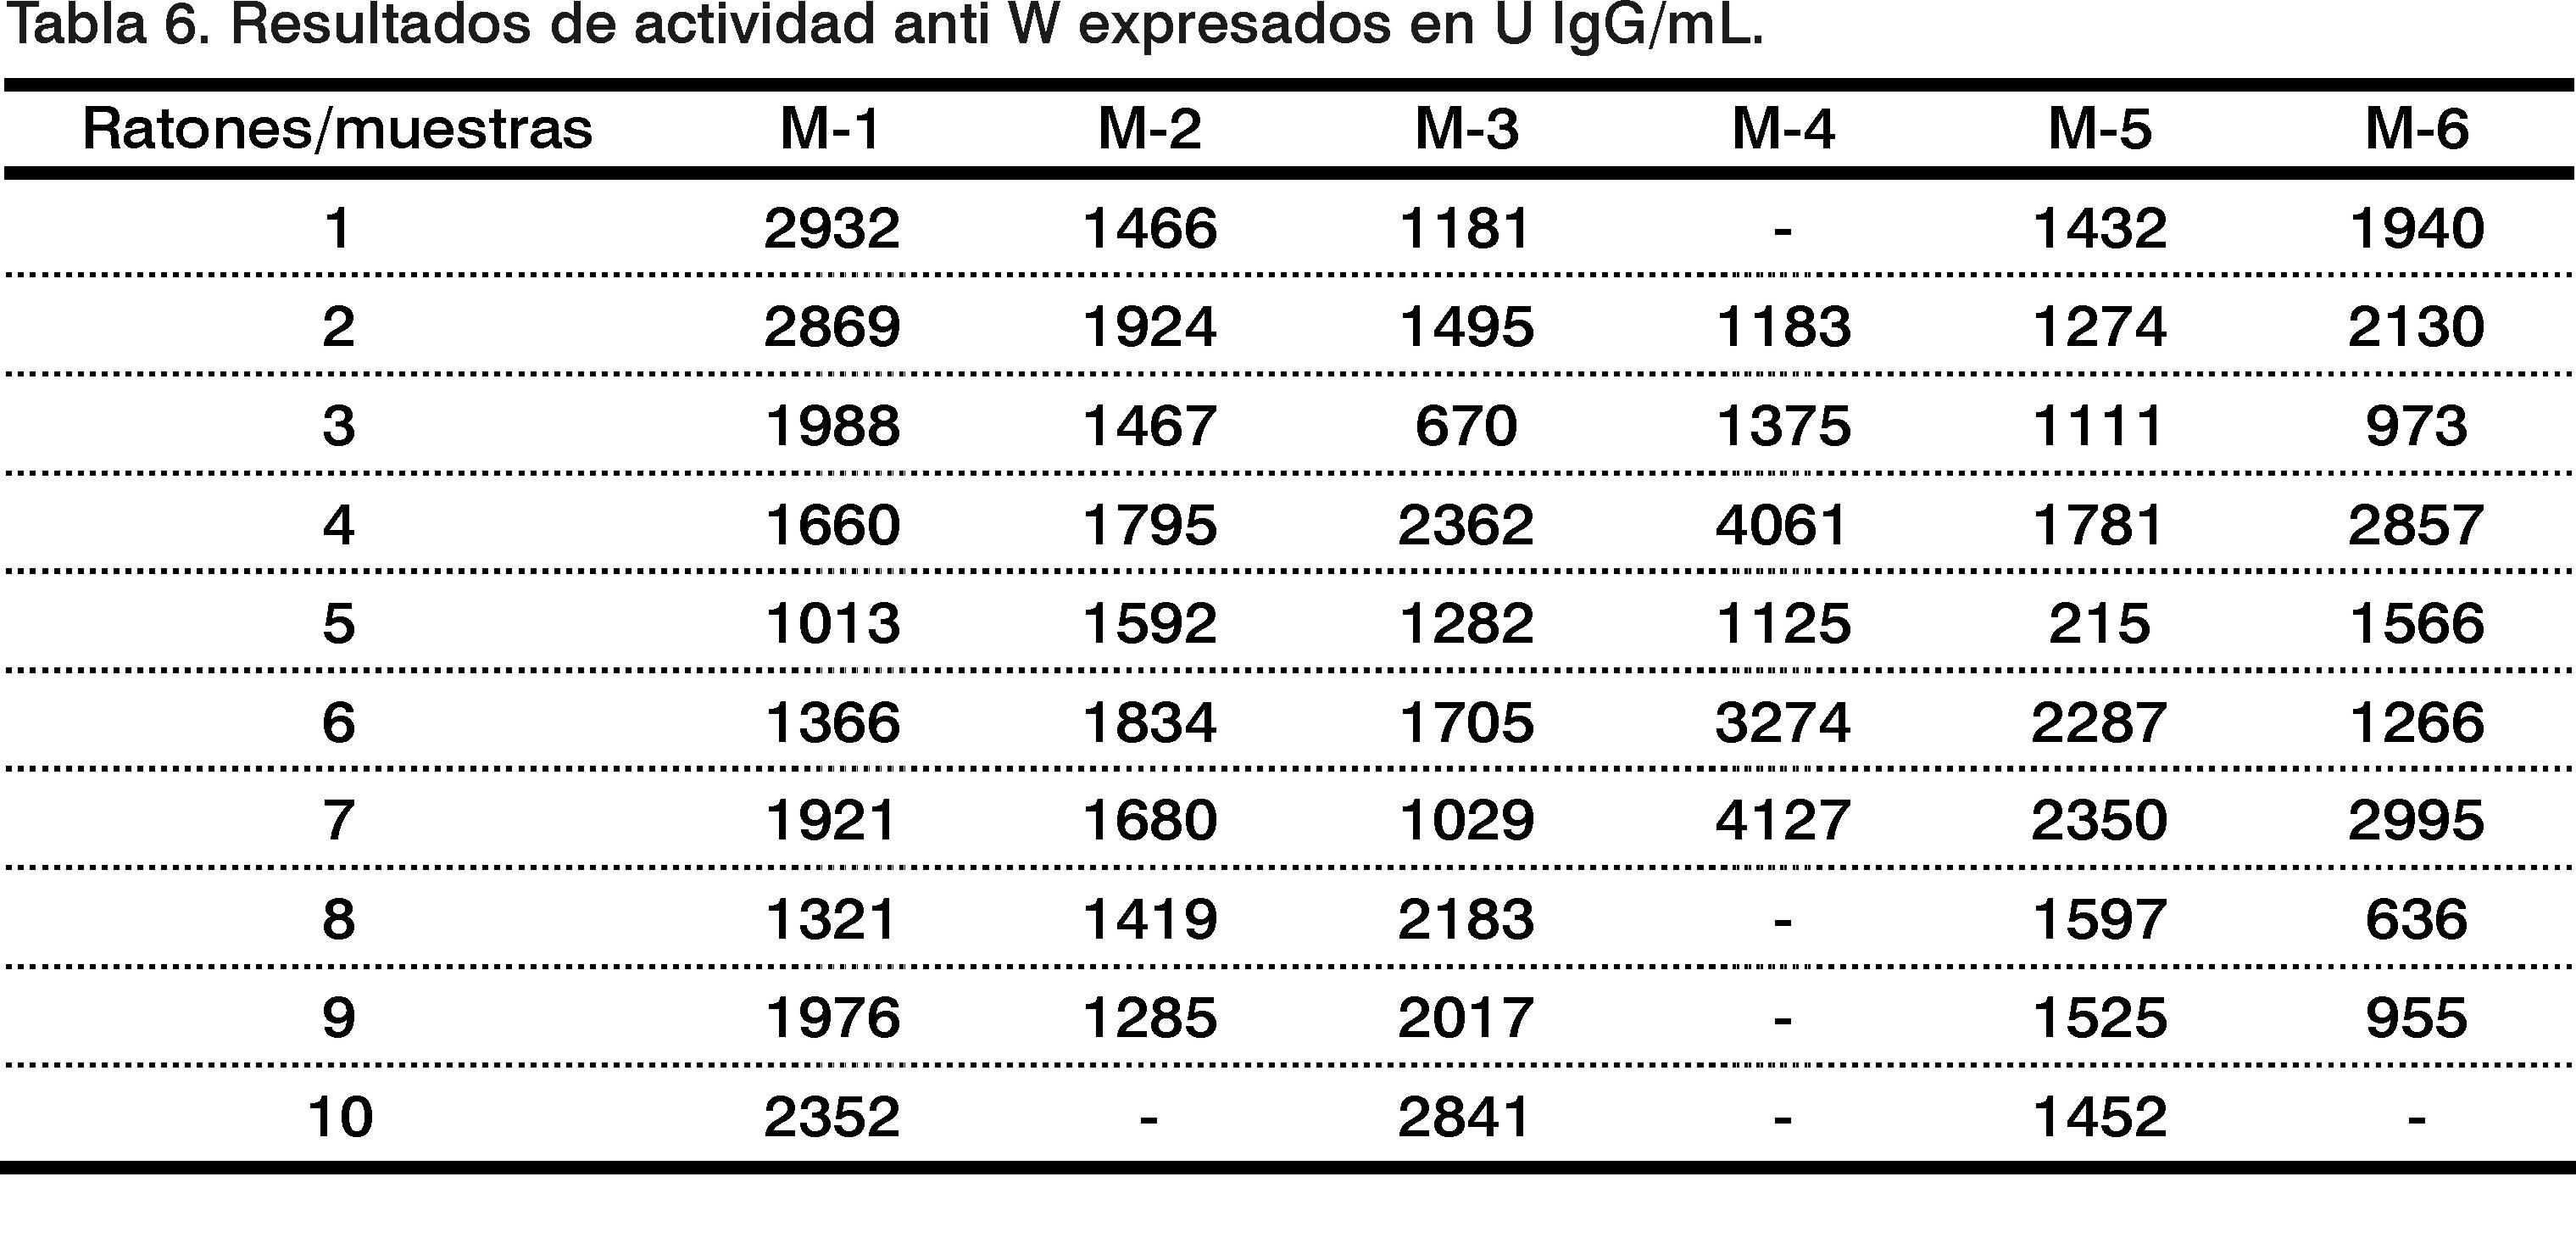 Estandarizaci N De Ensayos Inmunoenzim Ticos Elisa Para La